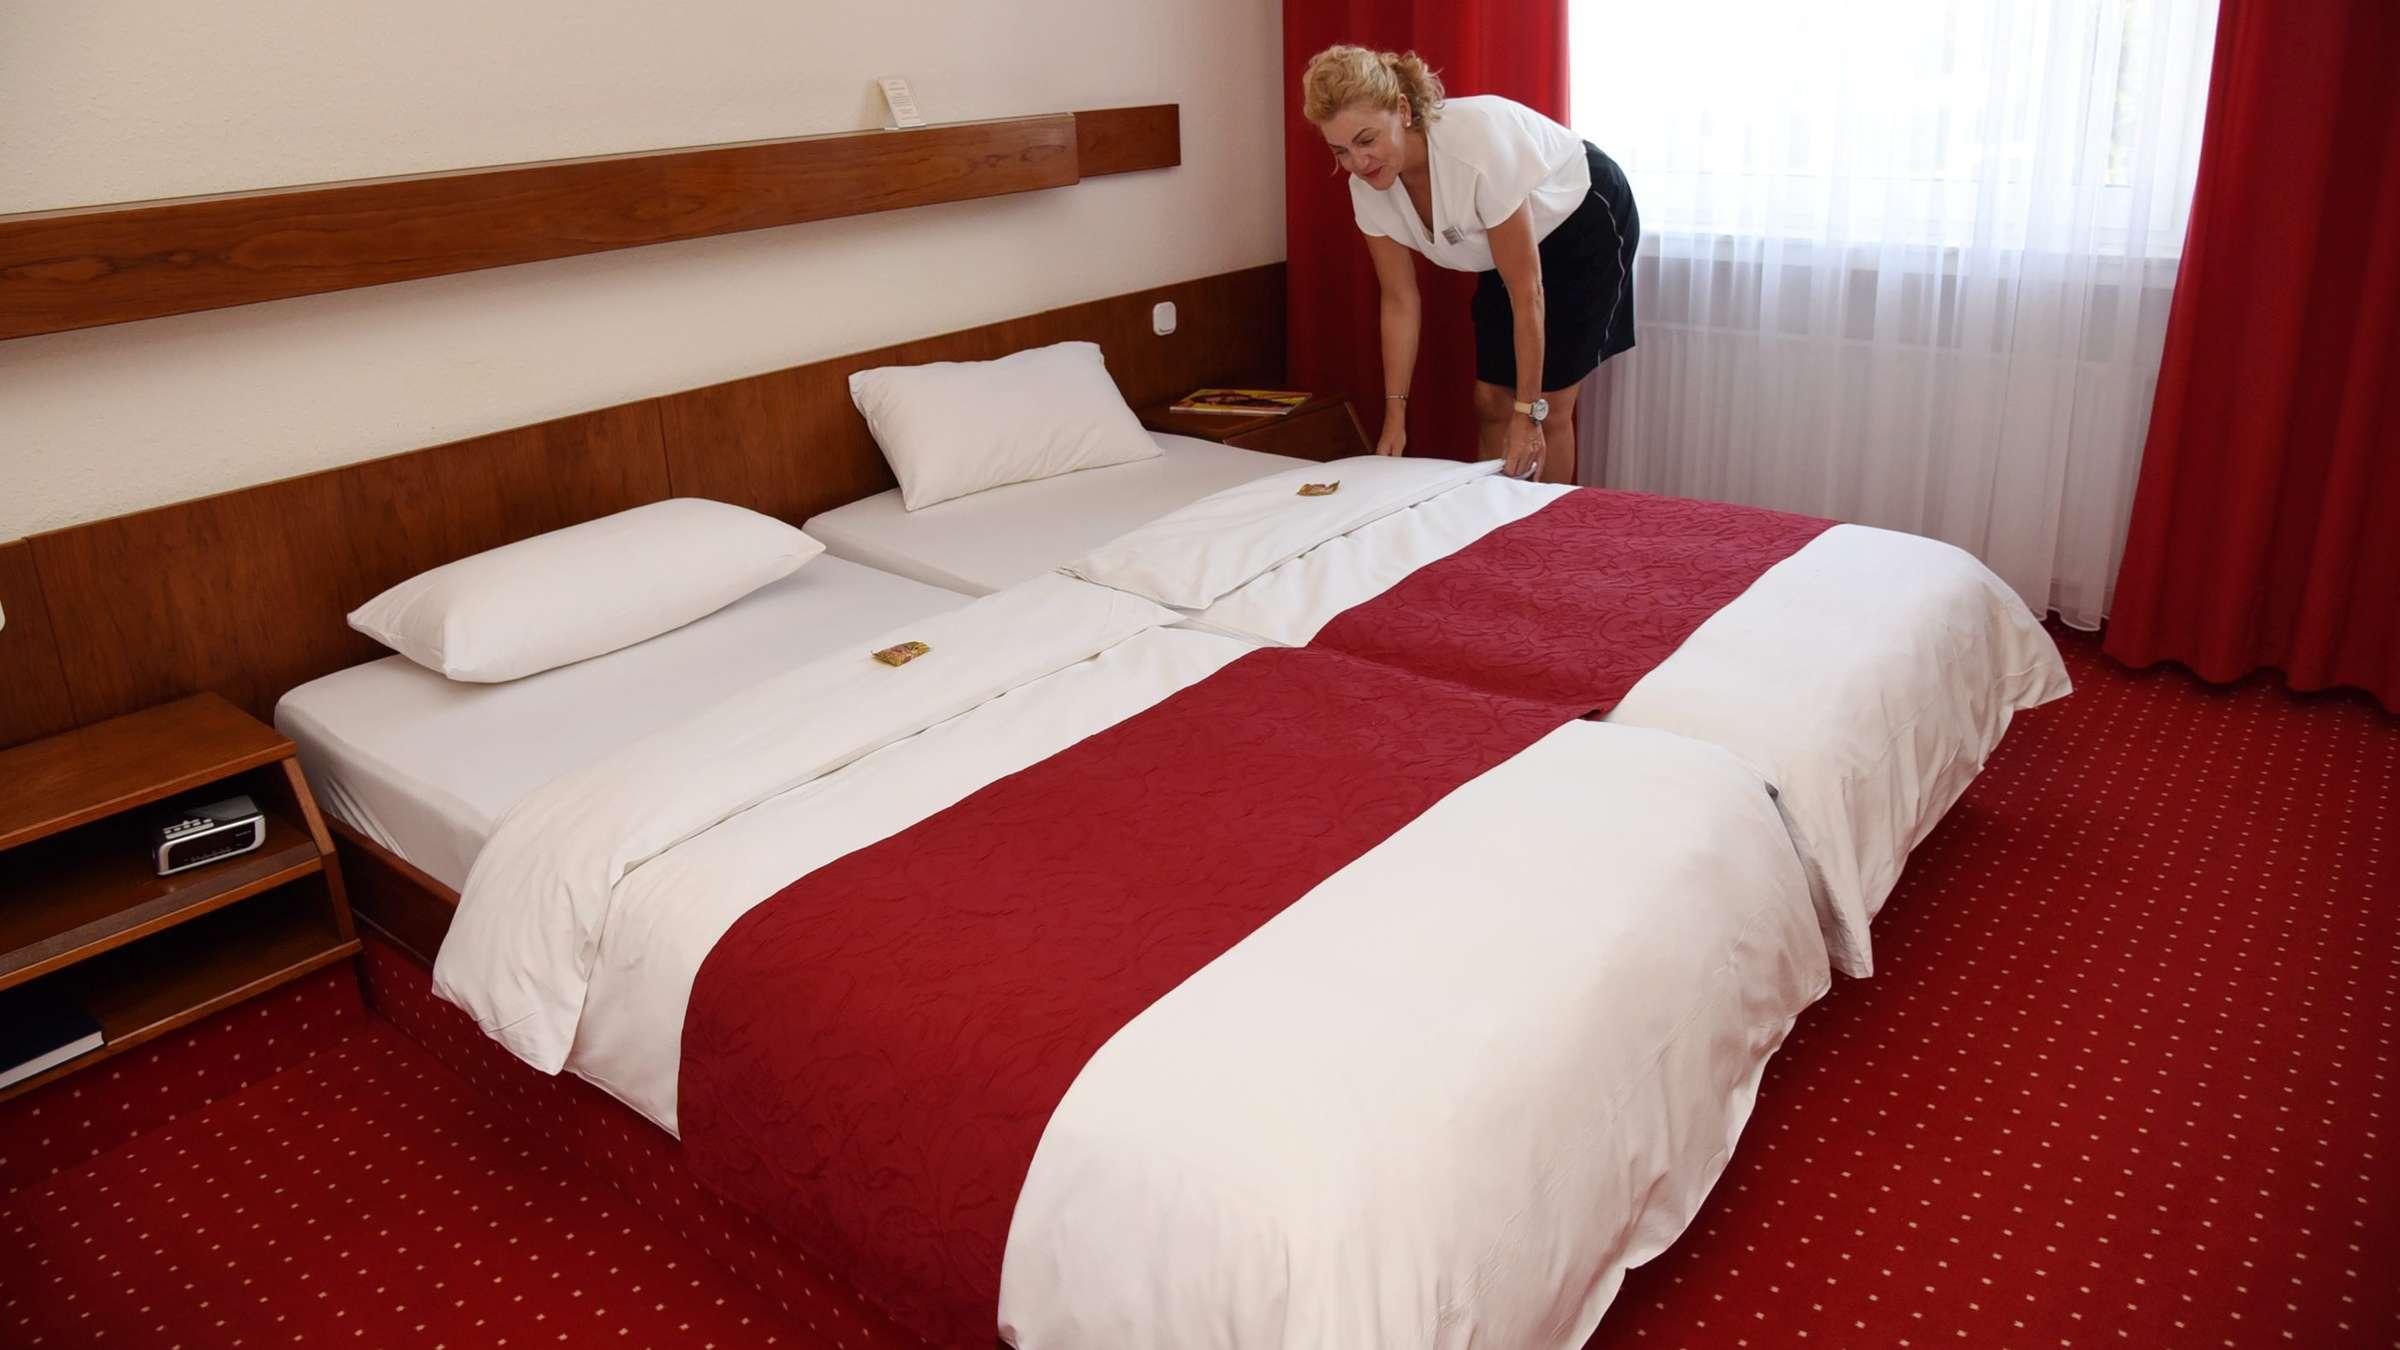 Full Size of Gebrauchte Betten Ebay 140x200 160x200 Kleinanzeigen Berlin 90x200 Kaufen Bei Hanse Hotel Renoviert Dieses Soester Verschenkt Sein Dico Ikea Jugend Nolte Bett Gebrauchte Betten